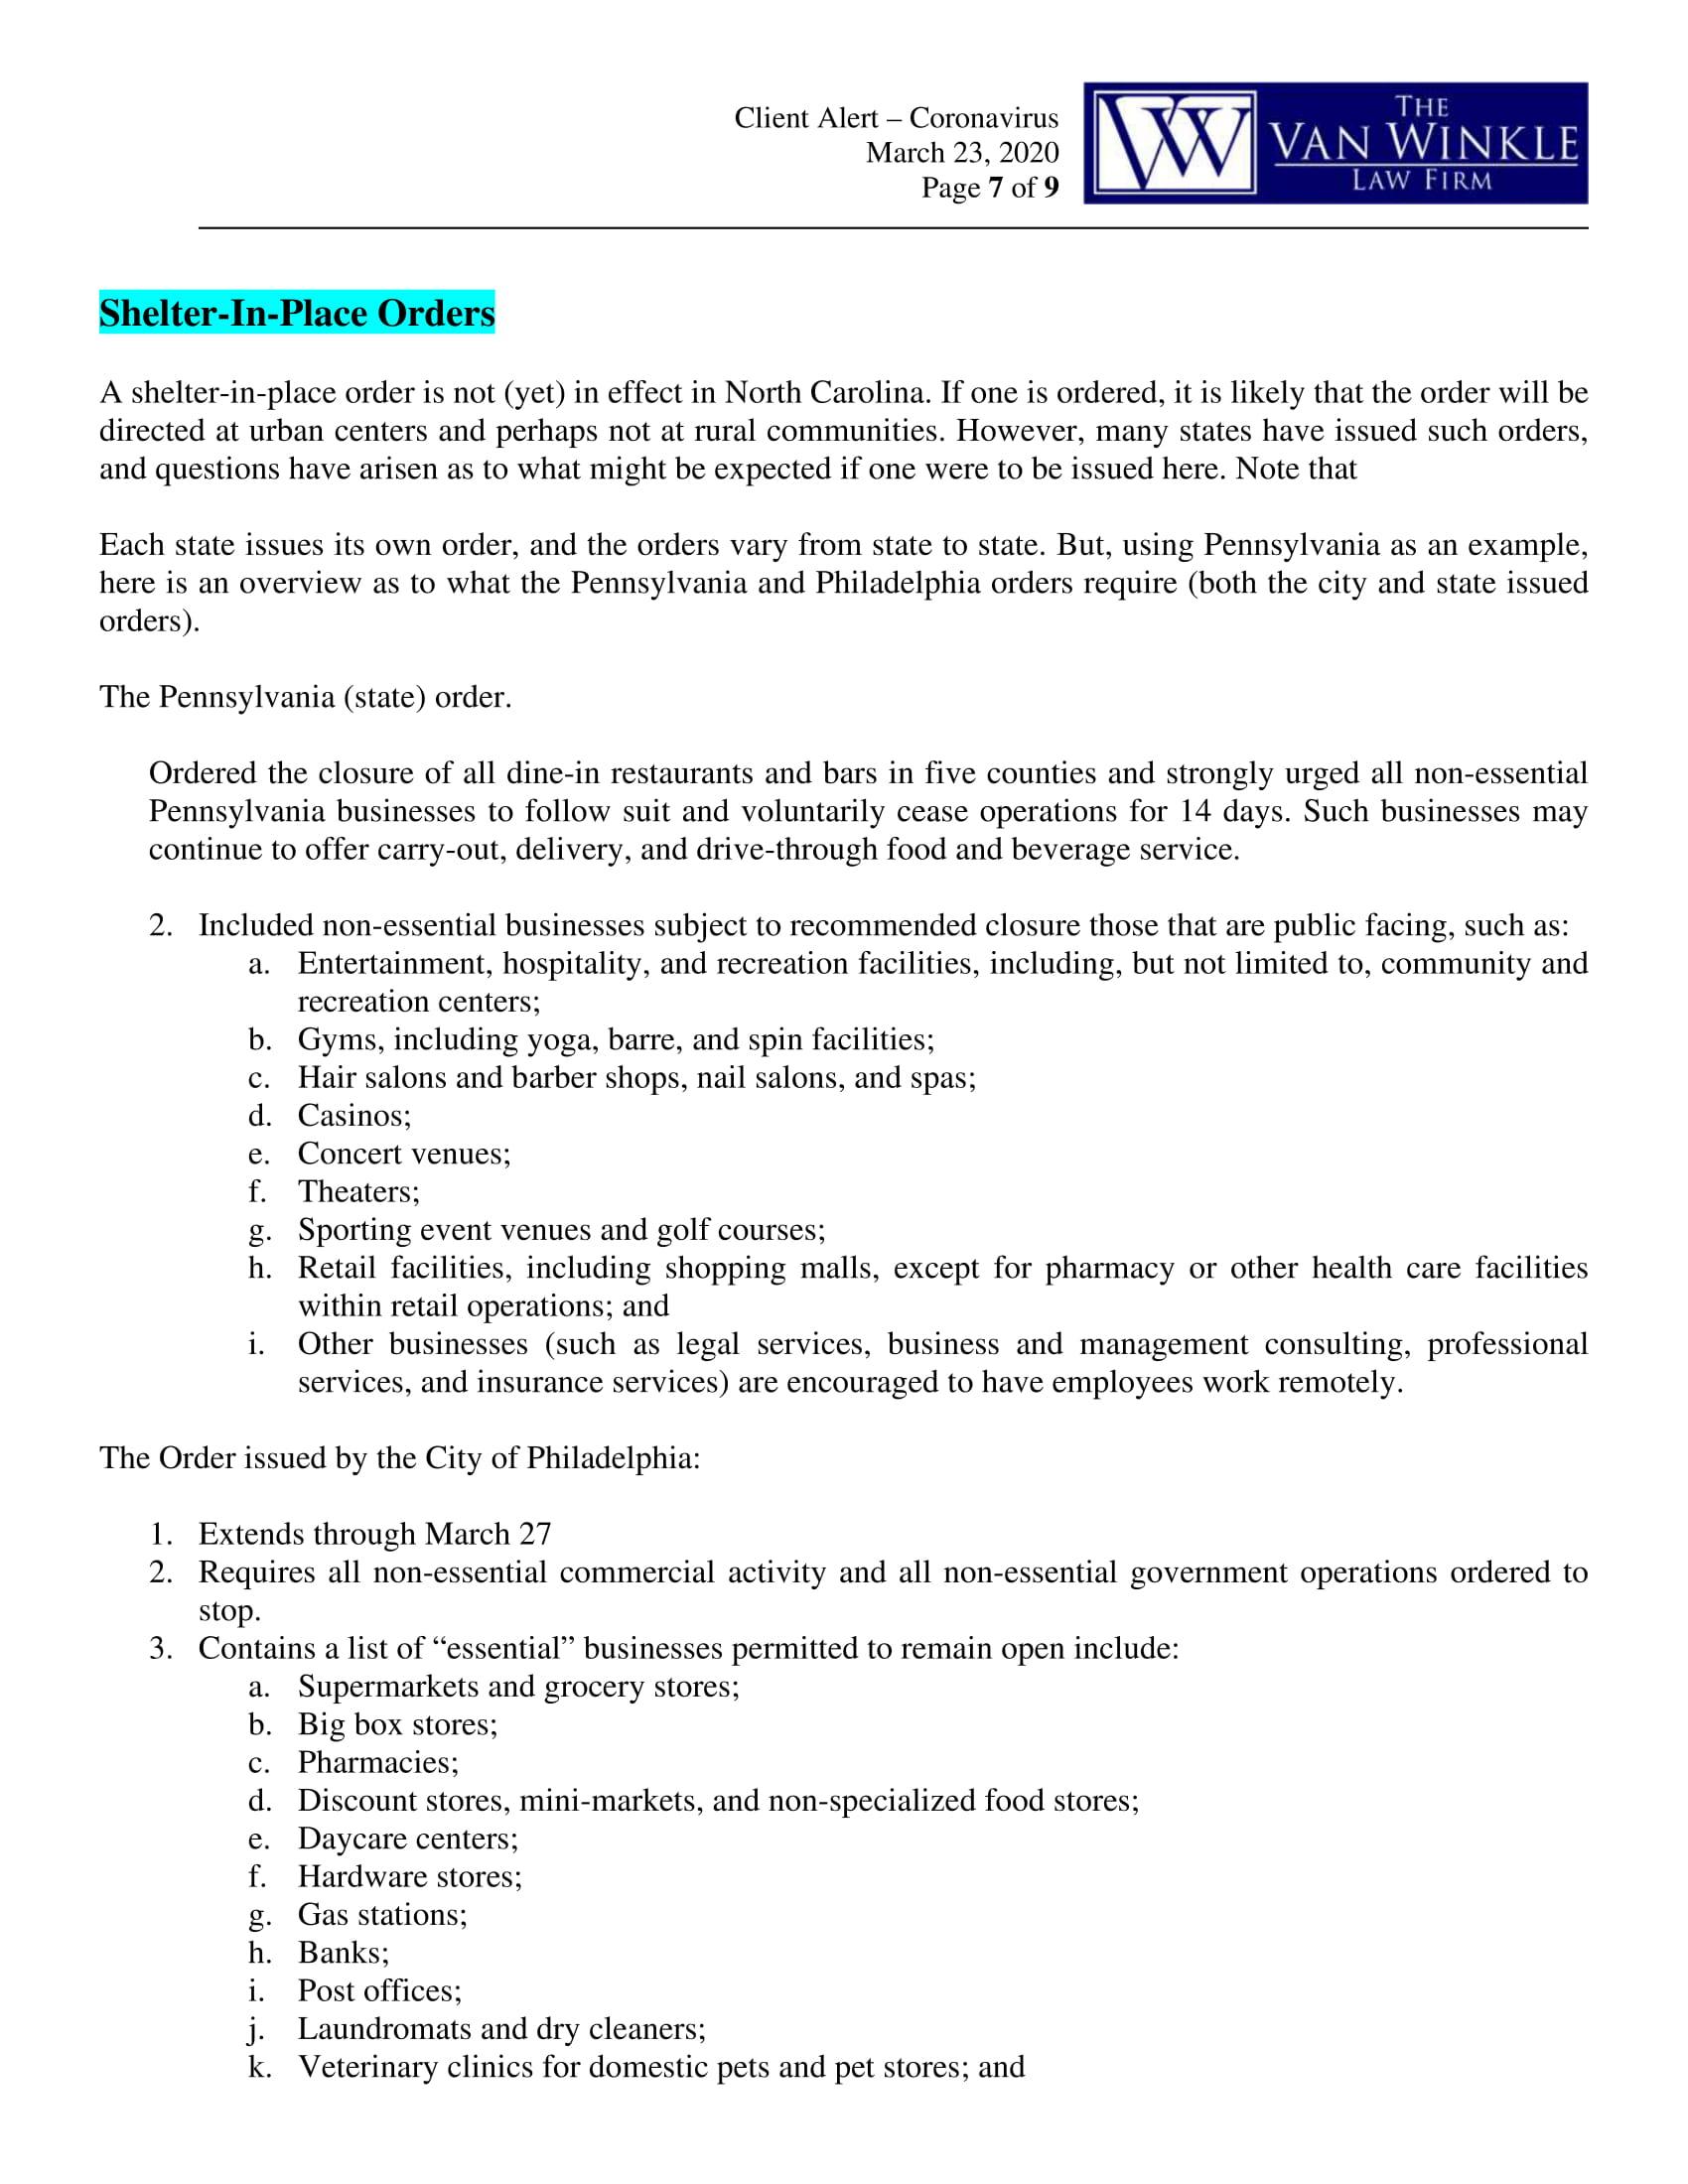 North Carolina's Executive Order Page 7